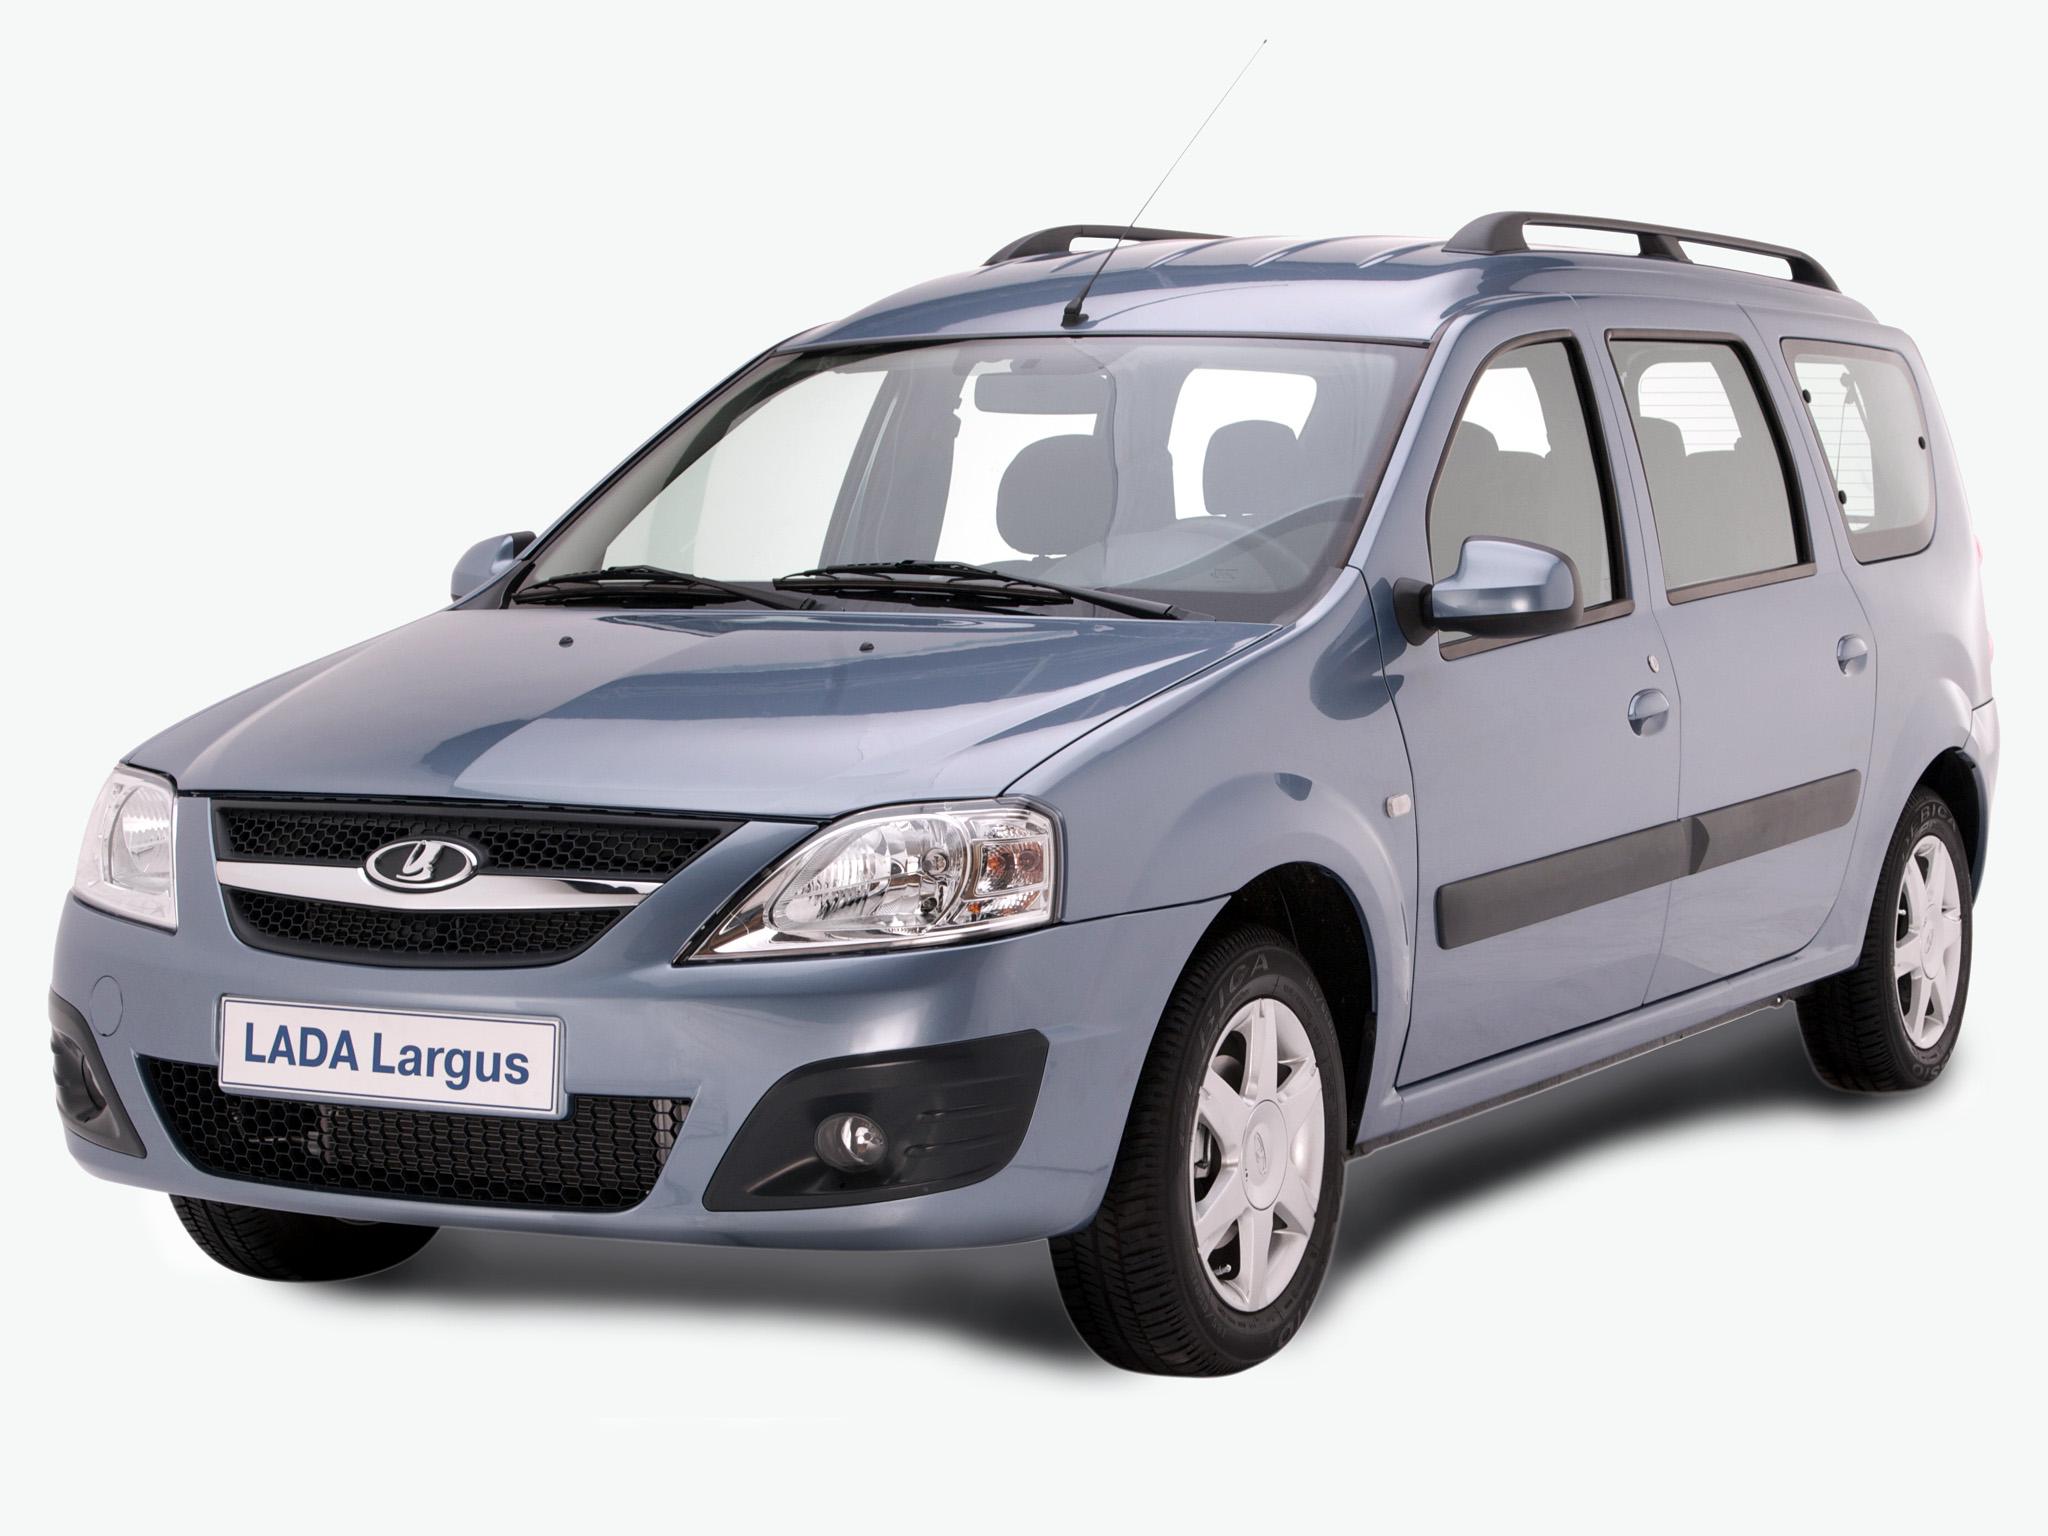 Четыре автомобиля Lada борются за лидерство в конкурсе «Автомобиль года»